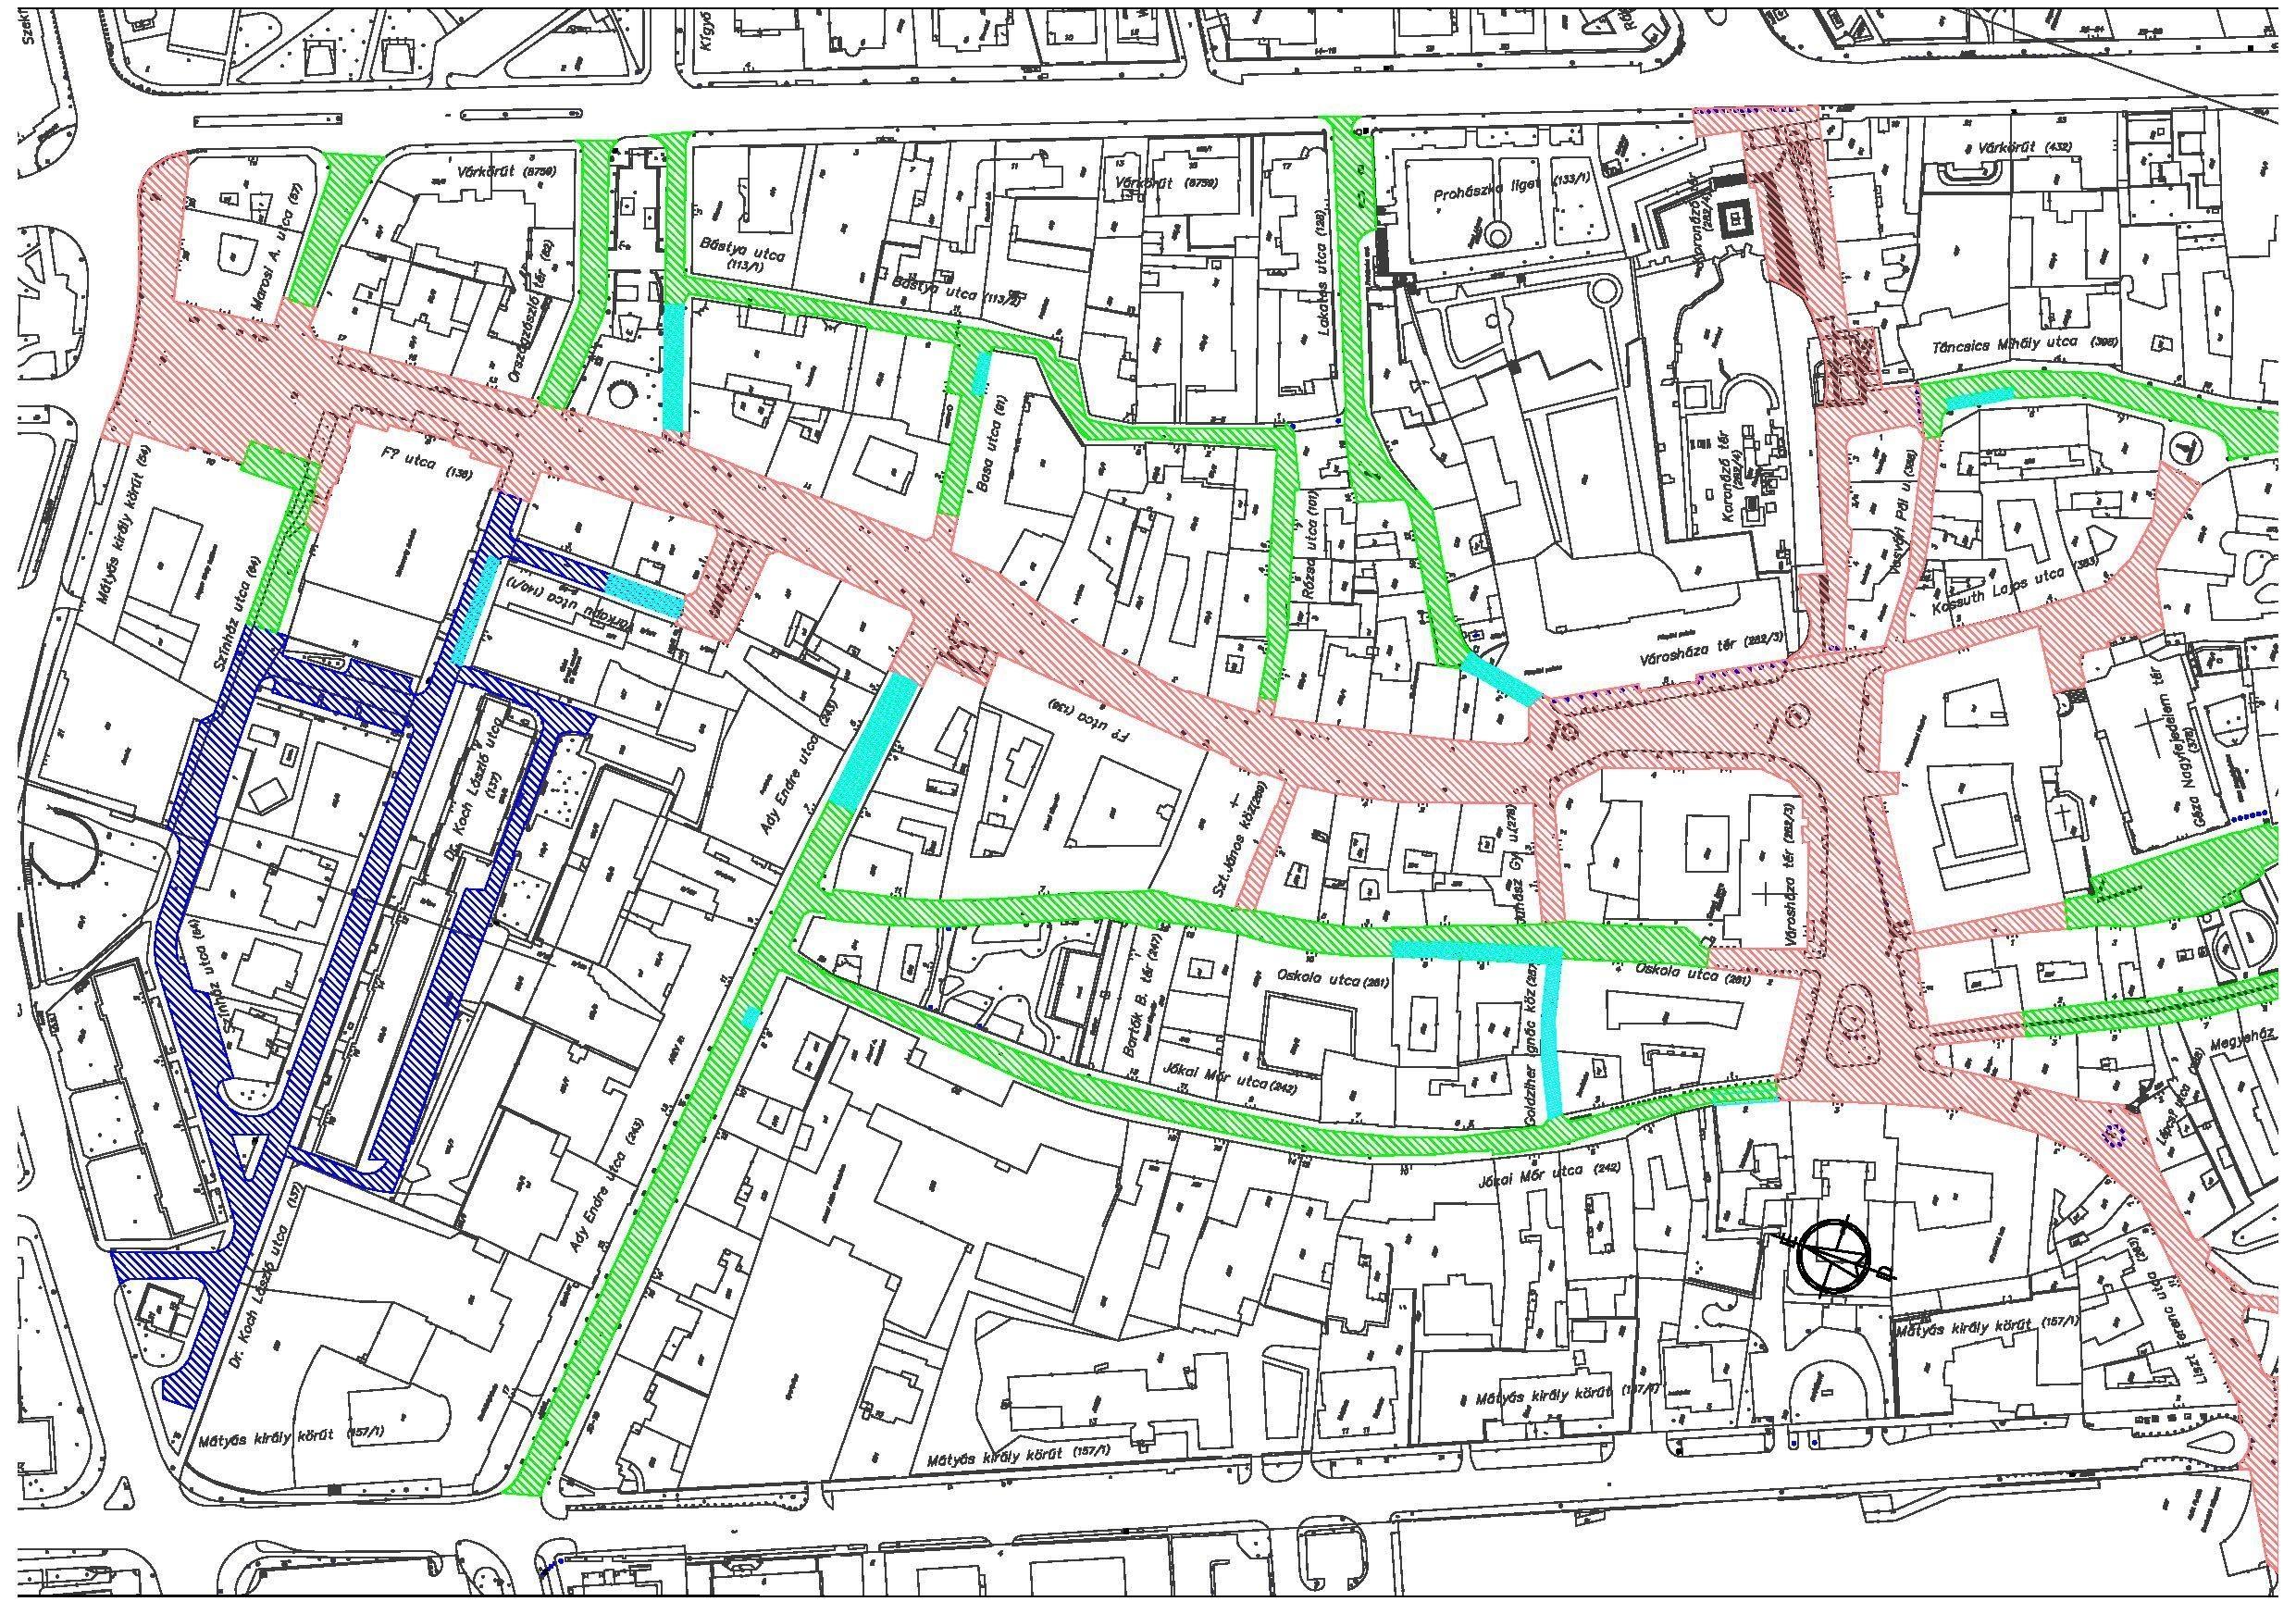 székesfehérvár belváros térkép Székesfehérvár Városportál   Igazi sétálóövezet a megújult  székesfehérvár belváros térkép